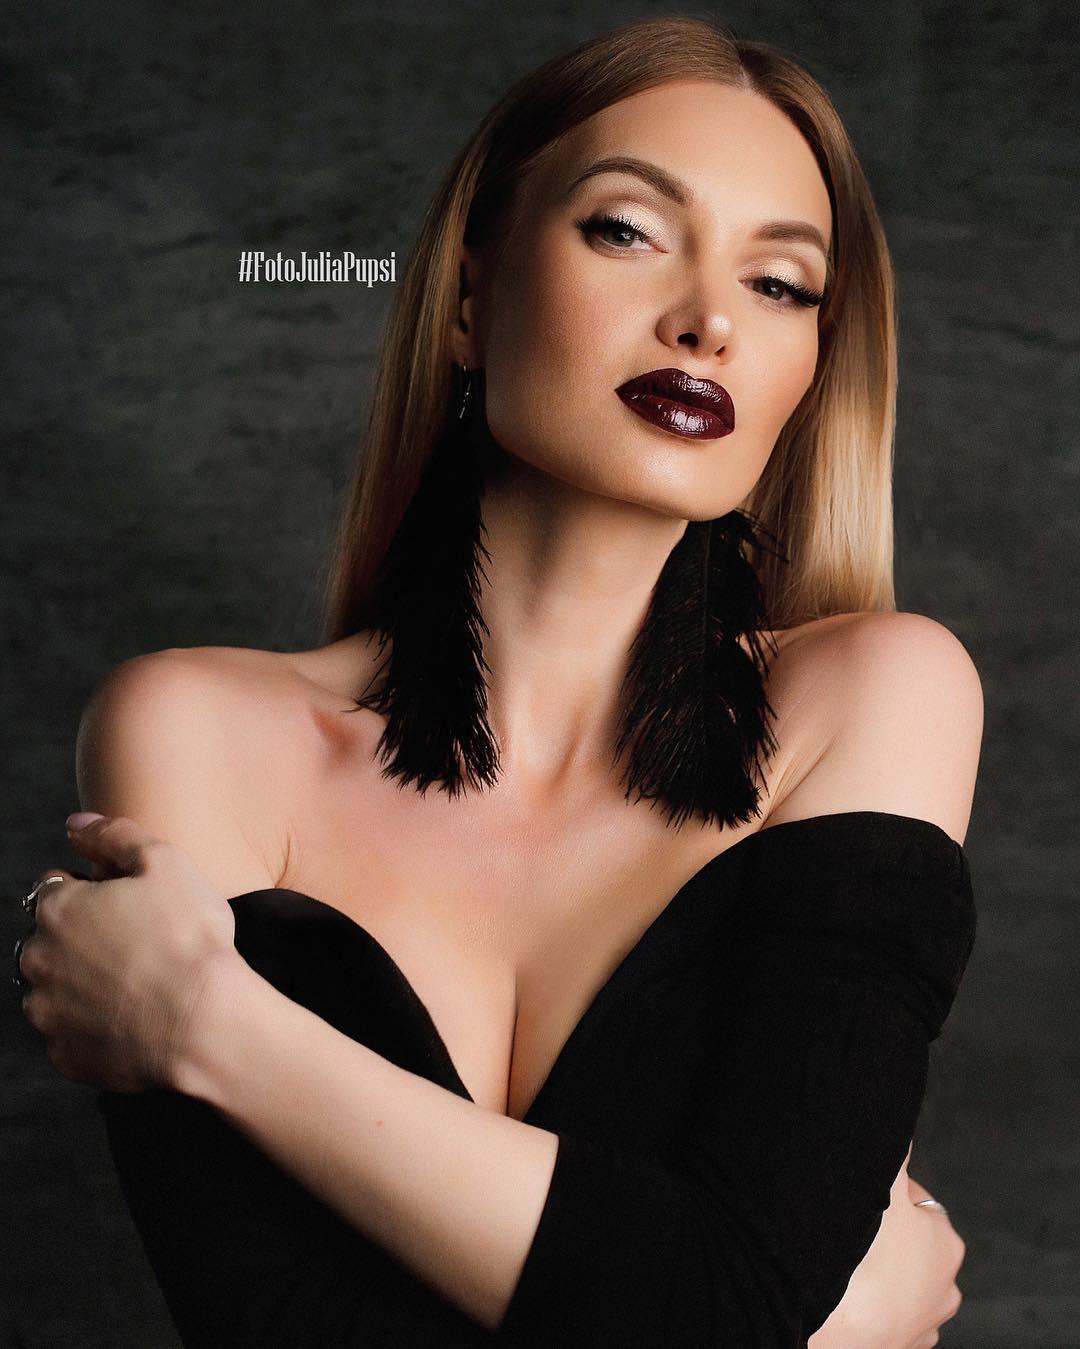 Евгения Феофилактова: - Ты не туда идёшь! Огни в другой стороне! - Мне всё равно, я зажгу свои.  Ph.: @fotojuliapupsi  MUA: @ezhovastyle  Hair: @yulia_tareykina #FEOFILAKTOVAEVGENIYA